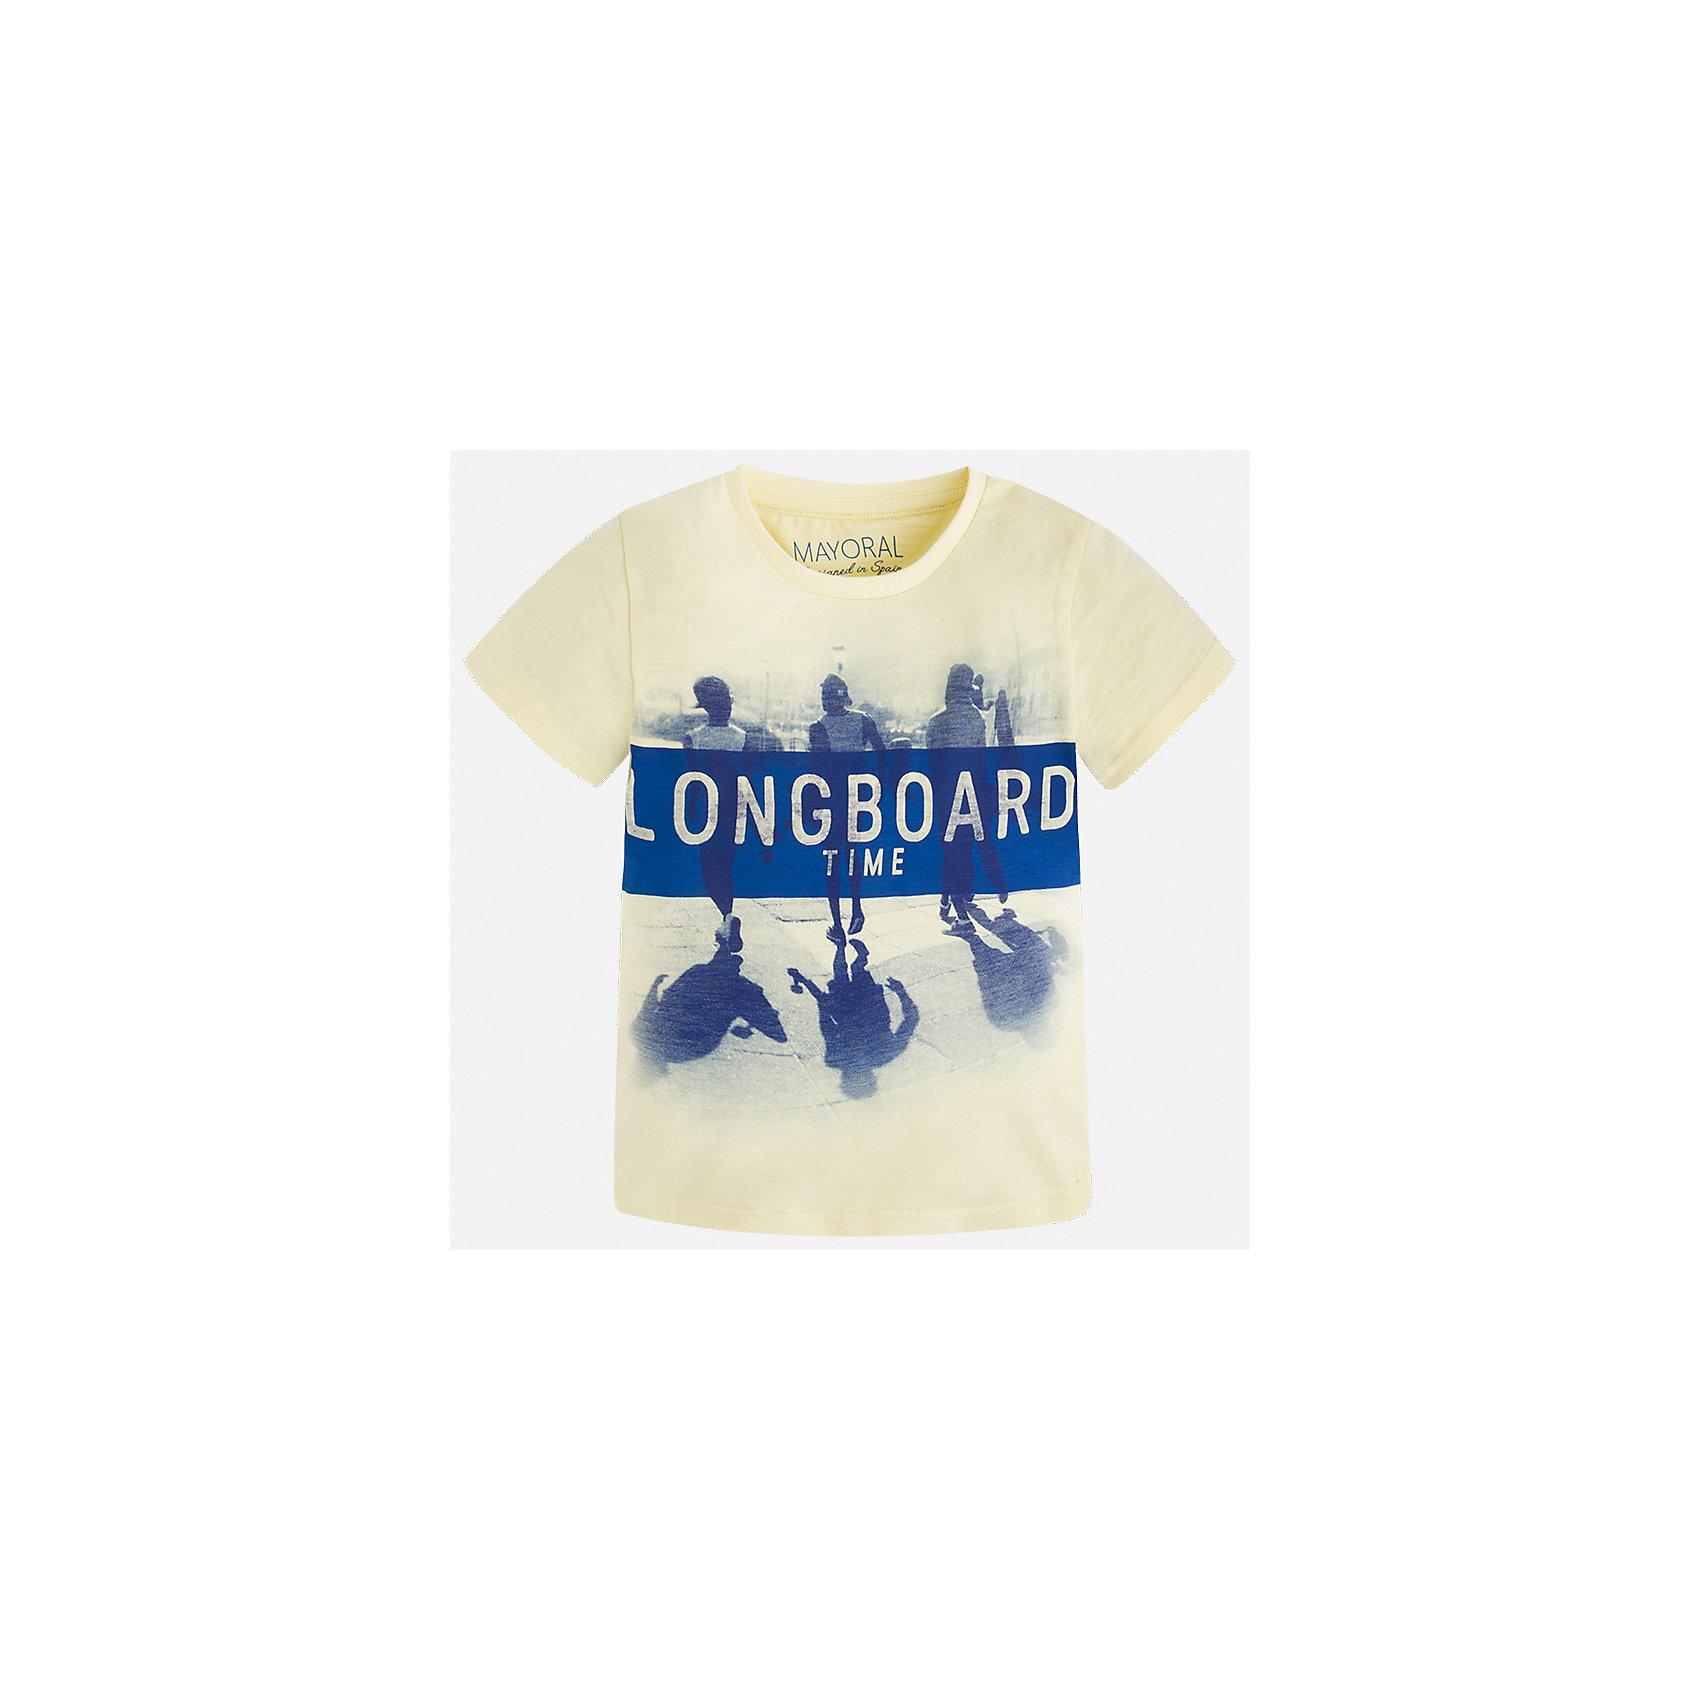 Футболка для мальчика MayoralЛови волну<br>Характеристики товара:<br><br>• цвет: желтый<br>• состав: 100% хлопок<br>• круглый горловой вырез<br>• декорирована принтом<br>• короткие рукава<br>• отделка горловины<br>• страна бренда: Испания<br><br>Удобная модная футболка с принтом поможет разнообразить гардероб мальчика. Она отлично сочетается с брюками, шортами, джинсами. Универсальный крой и цвет позволяет подобрать к вещи низ разных расцветок. Практичное и стильное изделие! Хорошо смотрится и комфортно сидит на детях. В составе материала - только натуральный хлопок, гипоаллергенный, приятный на ощупь, дышащий. <br><br>Одежда, обувь и аксессуары от испанского бренда Mayoral полюбились детям и взрослым по всему миру. Модели этой марки - стильные и удобные. Для их производства используются только безопасные, качественные материалы и фурнитура. Порадуйте ребенка модными и красивыми вещами от Mayoral! <br><br>Футболку для мальчика от испанского бренда Mayoral (Майорал) можно купить в нашем интернет-магазине.<br><br>Ширина мм: 199<br>Глубина мм: 10<br>Высота мм: 161<br>Вес г: 151<br>Цвет: оранжевый<br>Возраст от месяцев: 60<br>Возраст до месяцев: 72<br>Пол: Мужской<br>Возраст: Детский<br>Размер: 116,134,128,122<br>SKU: 5280142